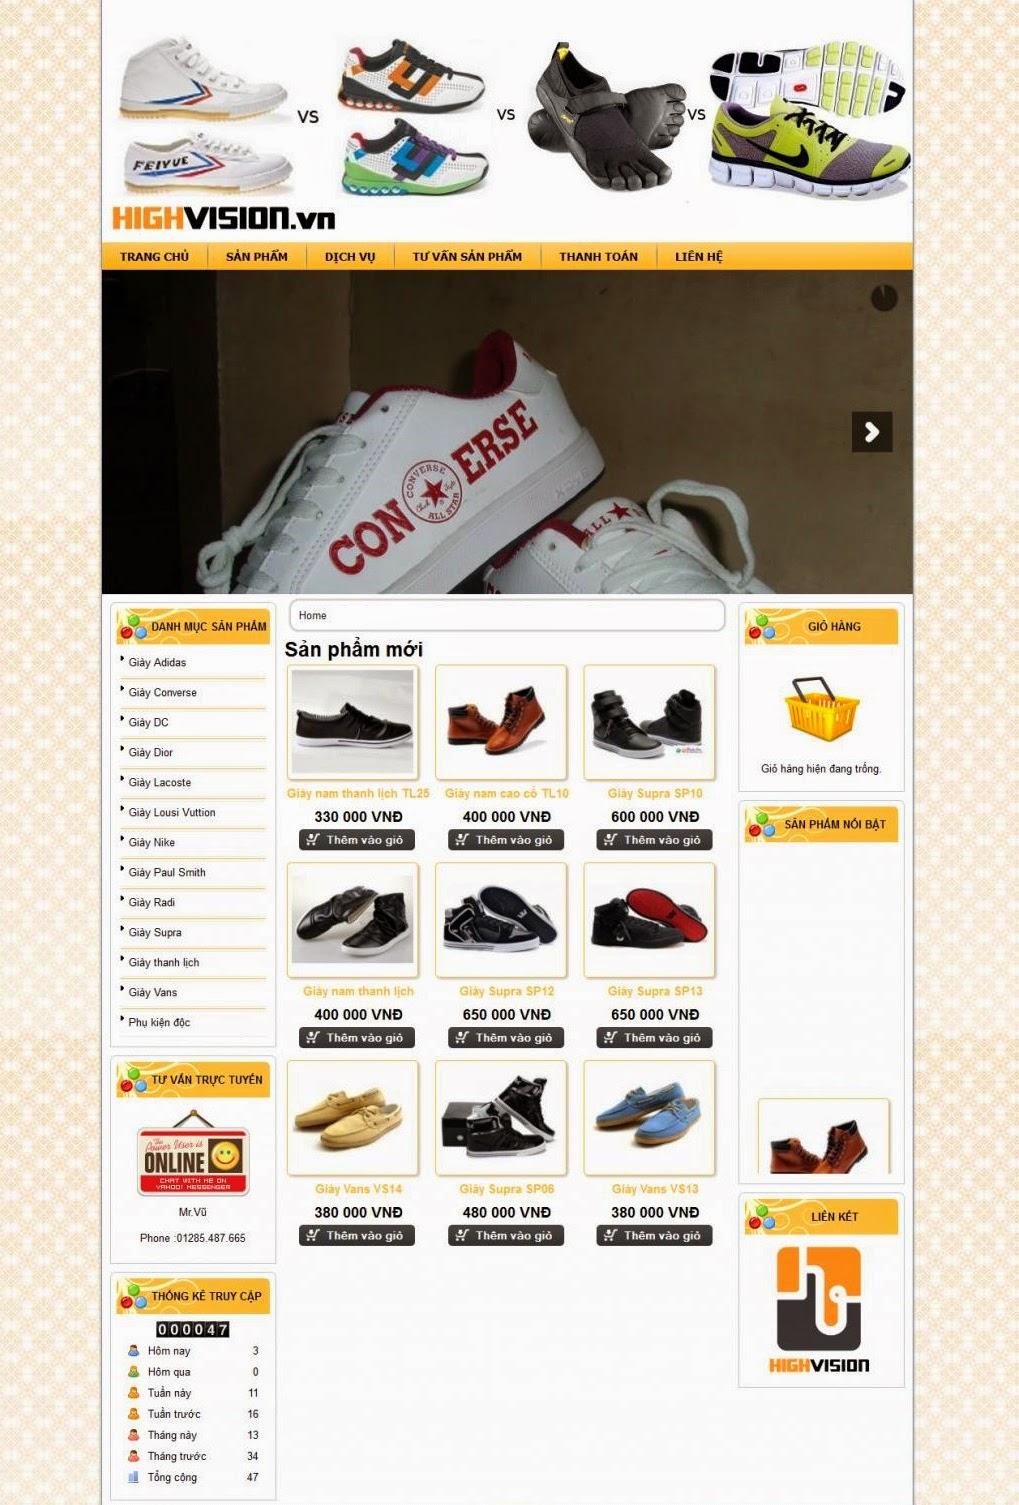 thiết kế web bán hàng giầy thể thao chuyên nghiệp